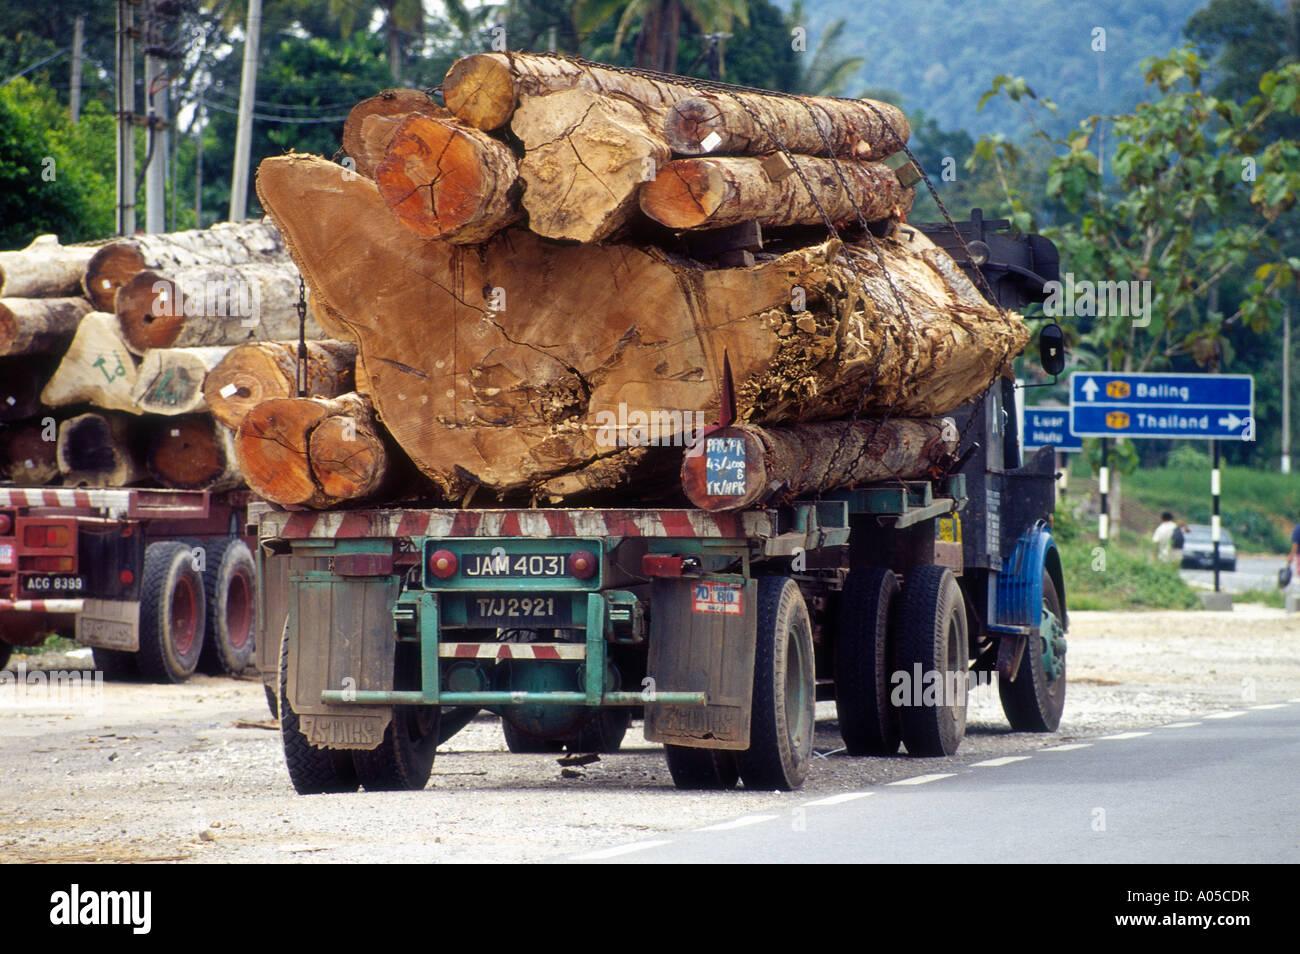 Malaysia Timber Stock Photos Amp Malaysia Timber Stock